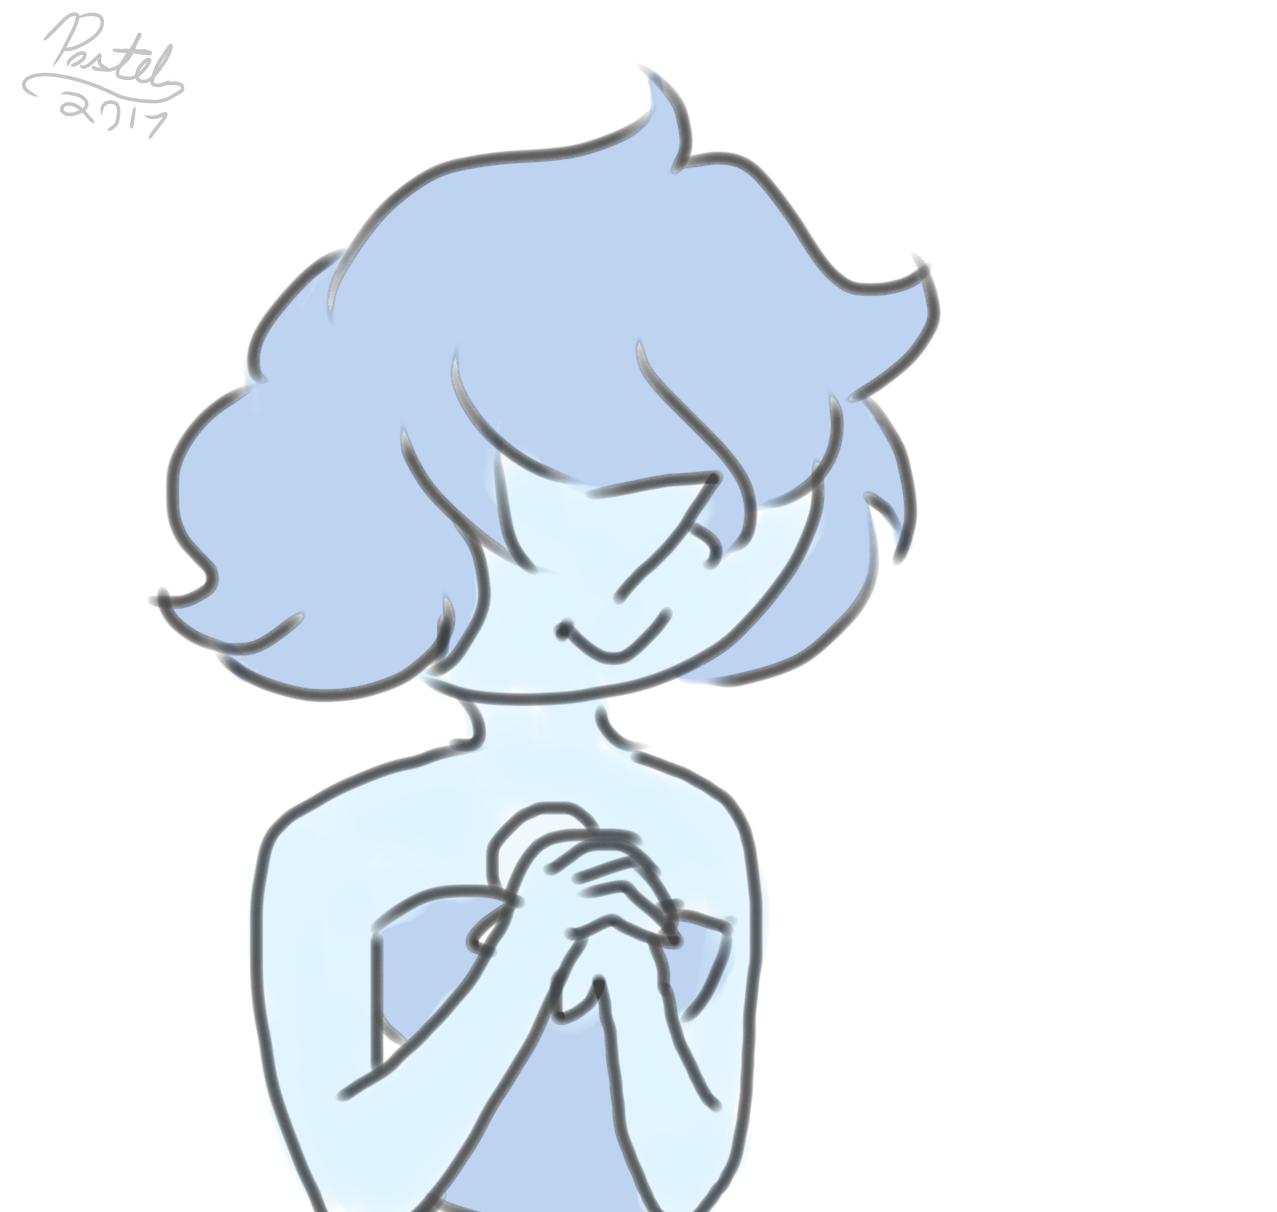 I felt like doodling so here